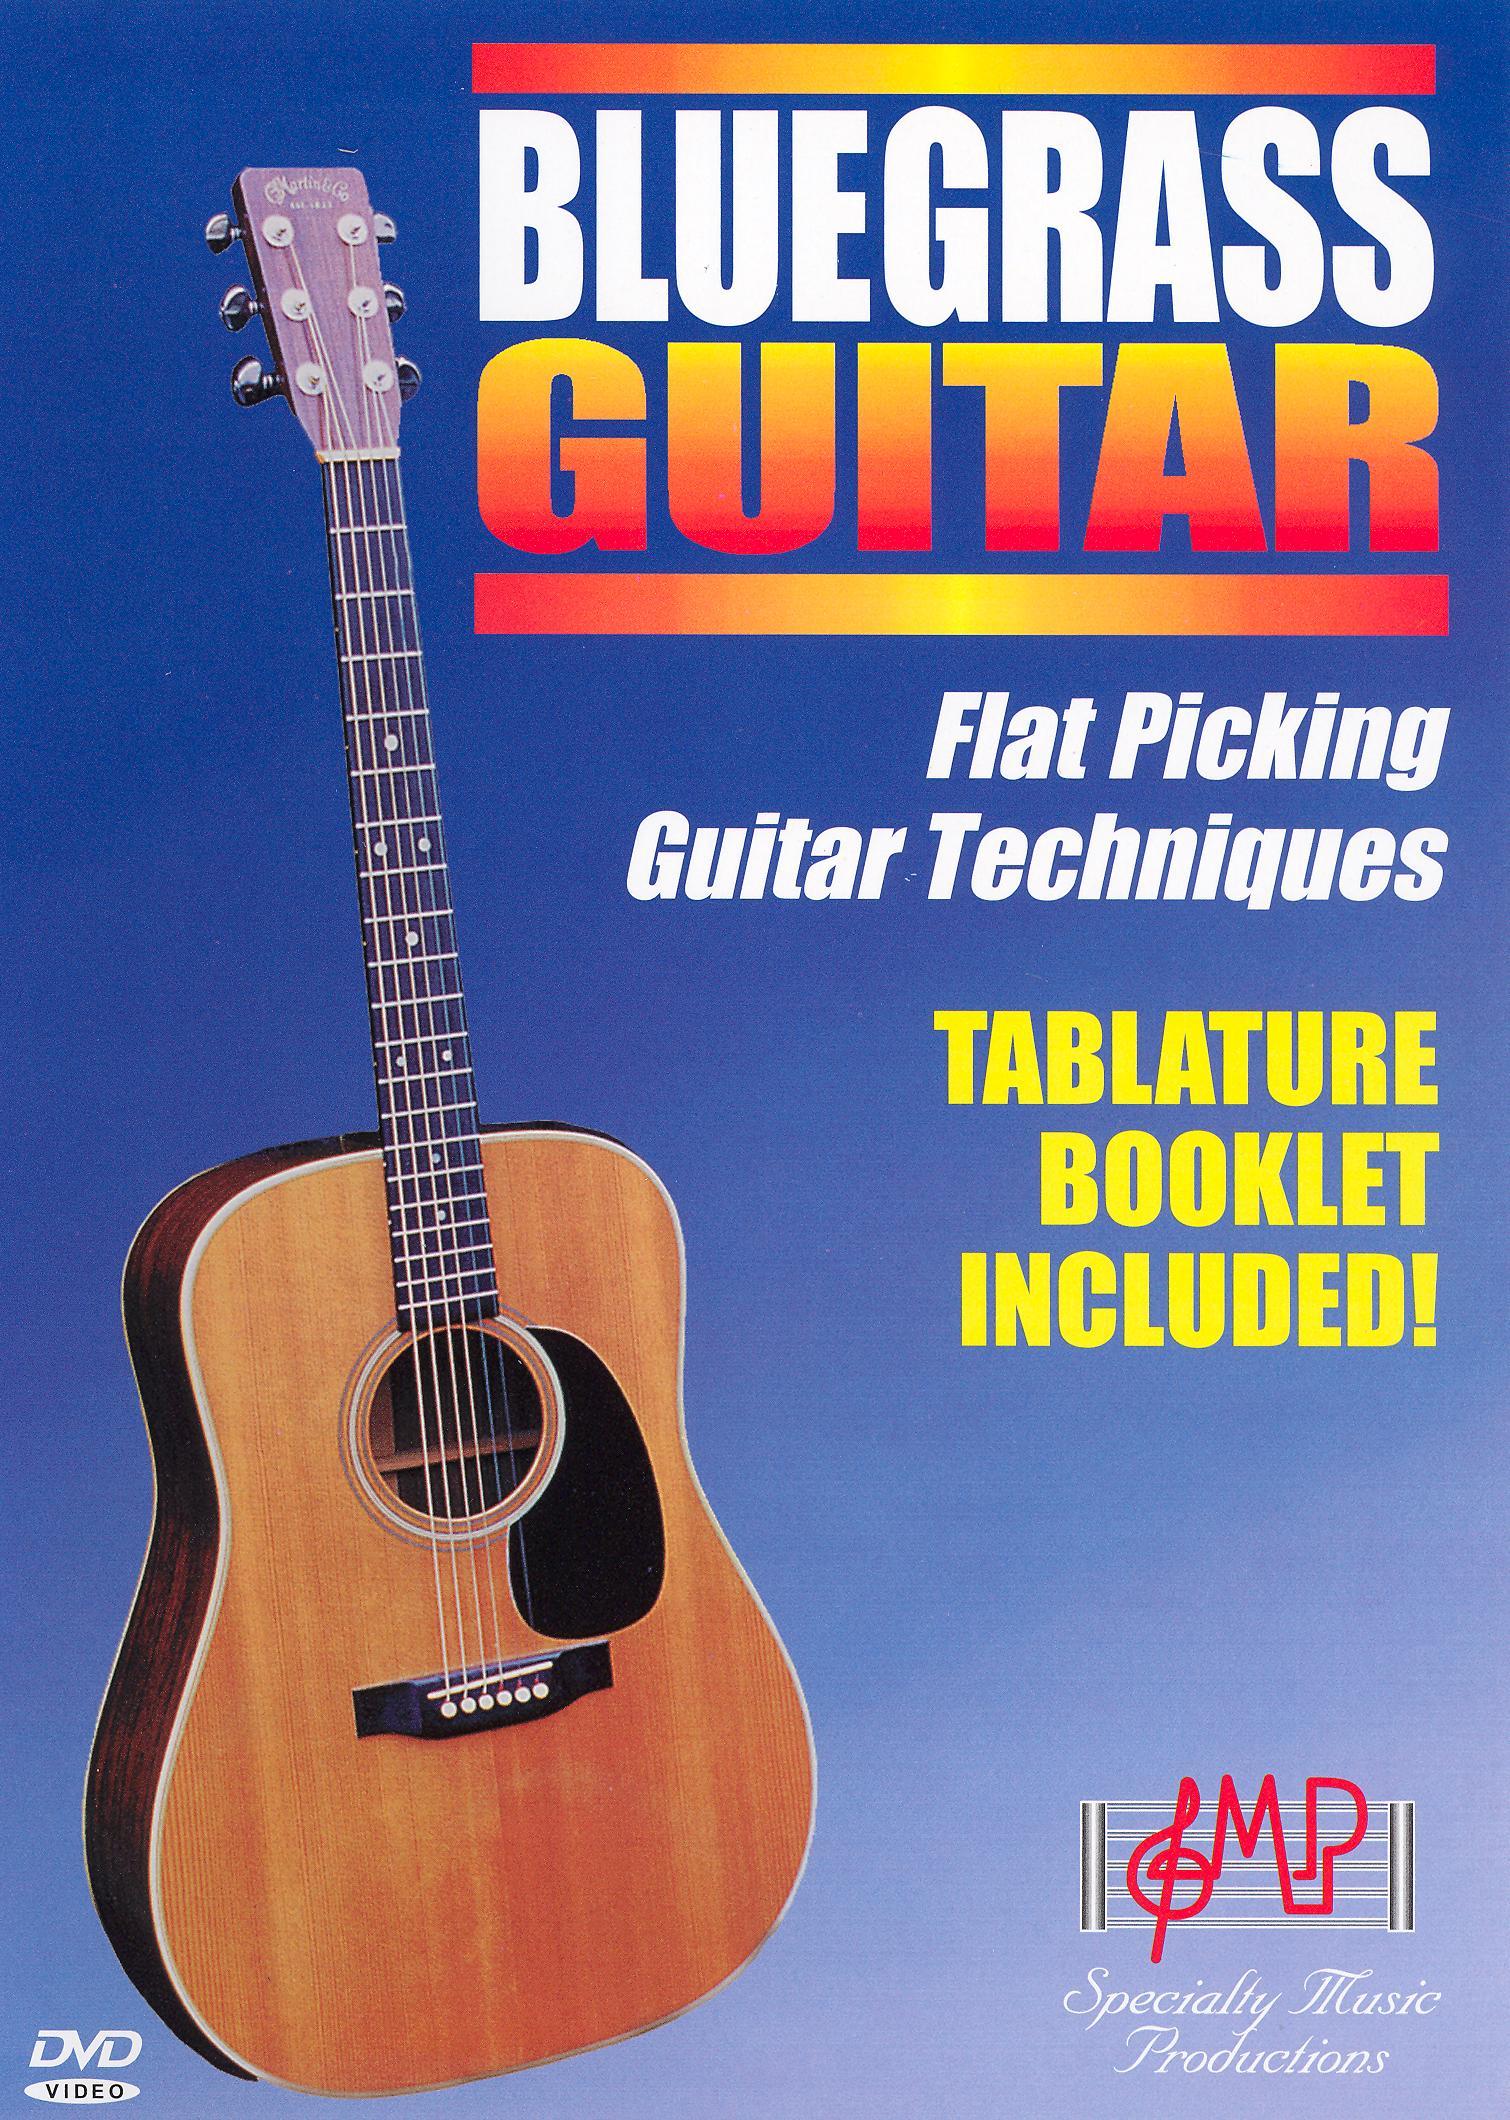 SMP Series: Bluegrass Guitar - Flat Picking